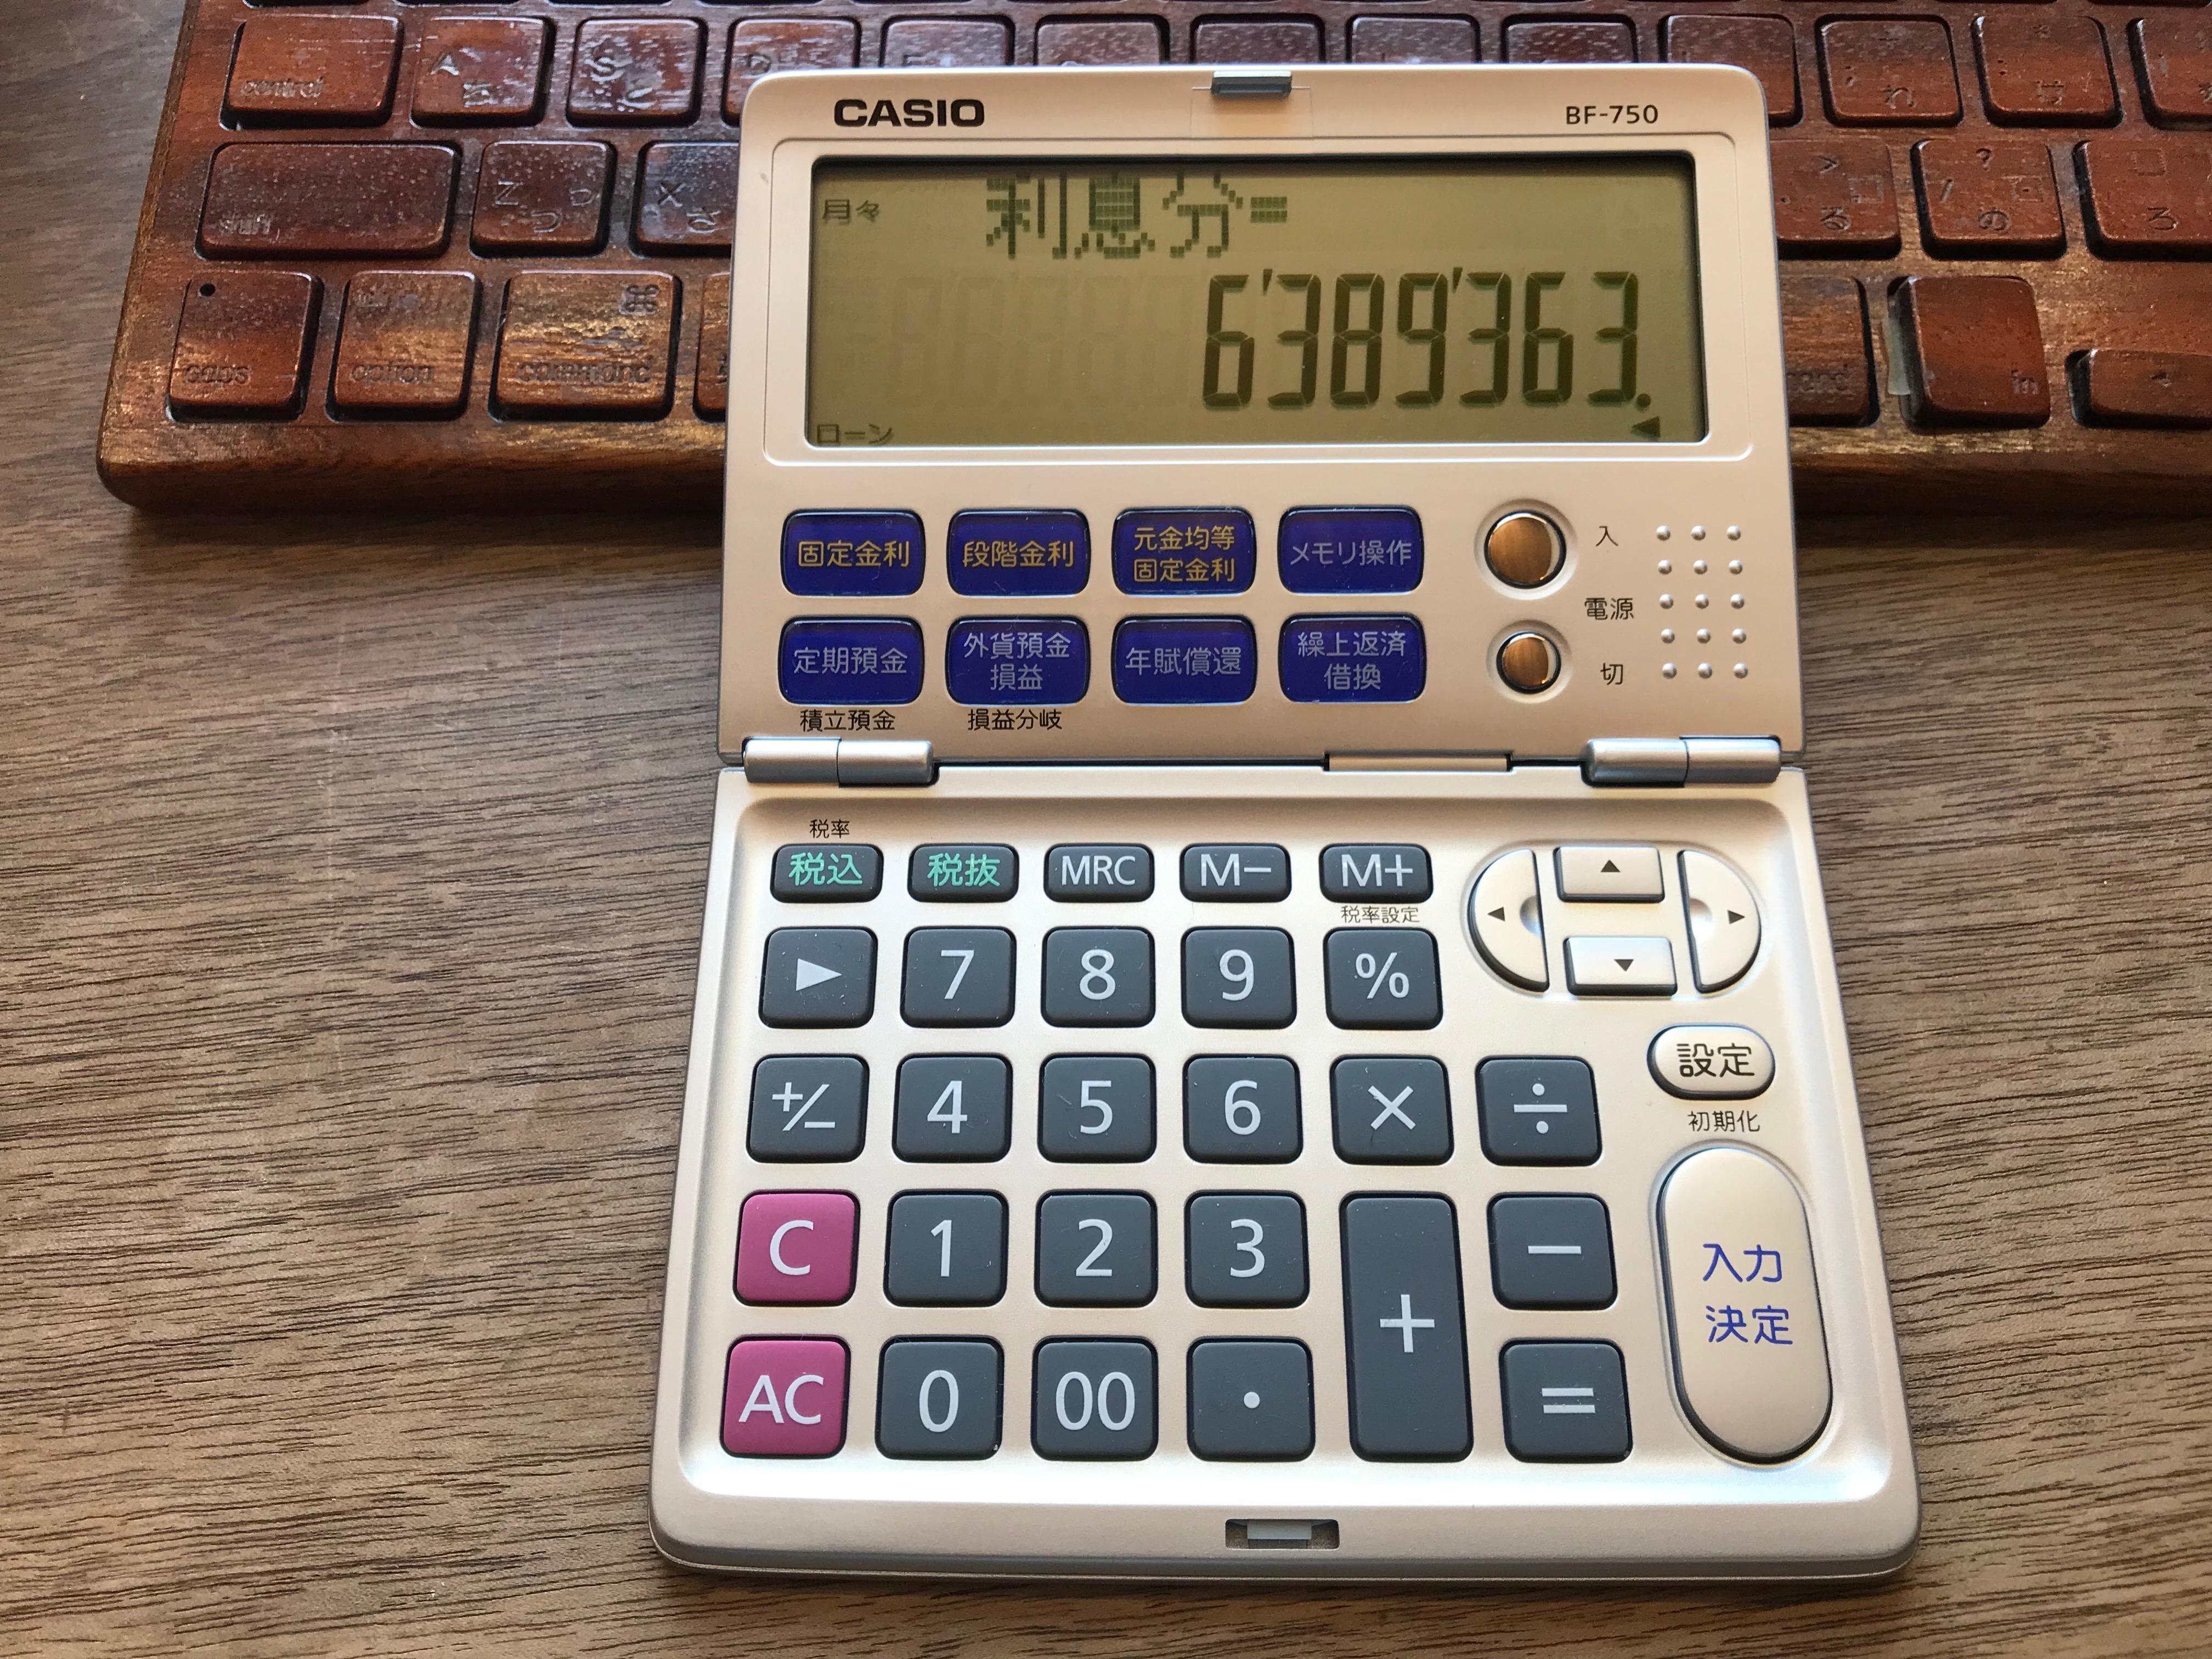 5,000万円を0.7%で借りた場合の利息は638万円です